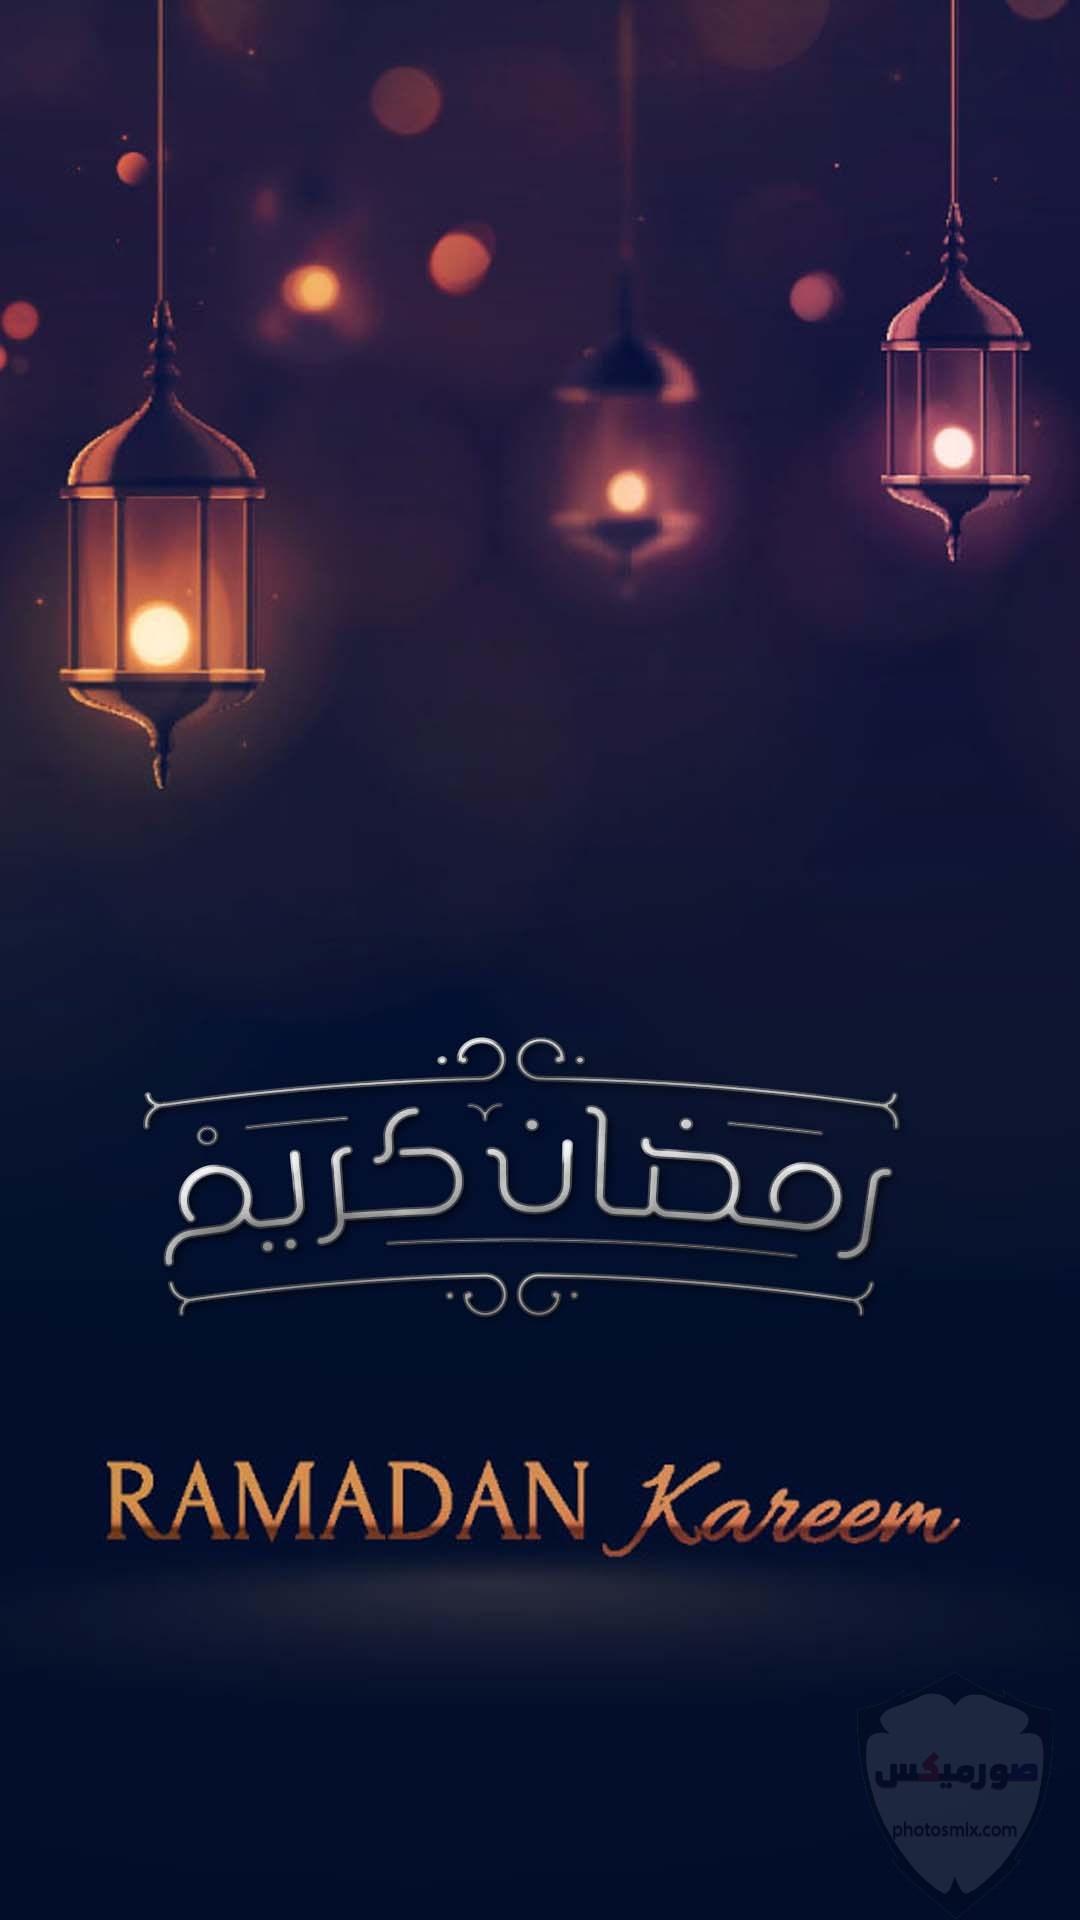 صور رمضان 2020 اجمل صور فوانيس وادعية رمضان 13